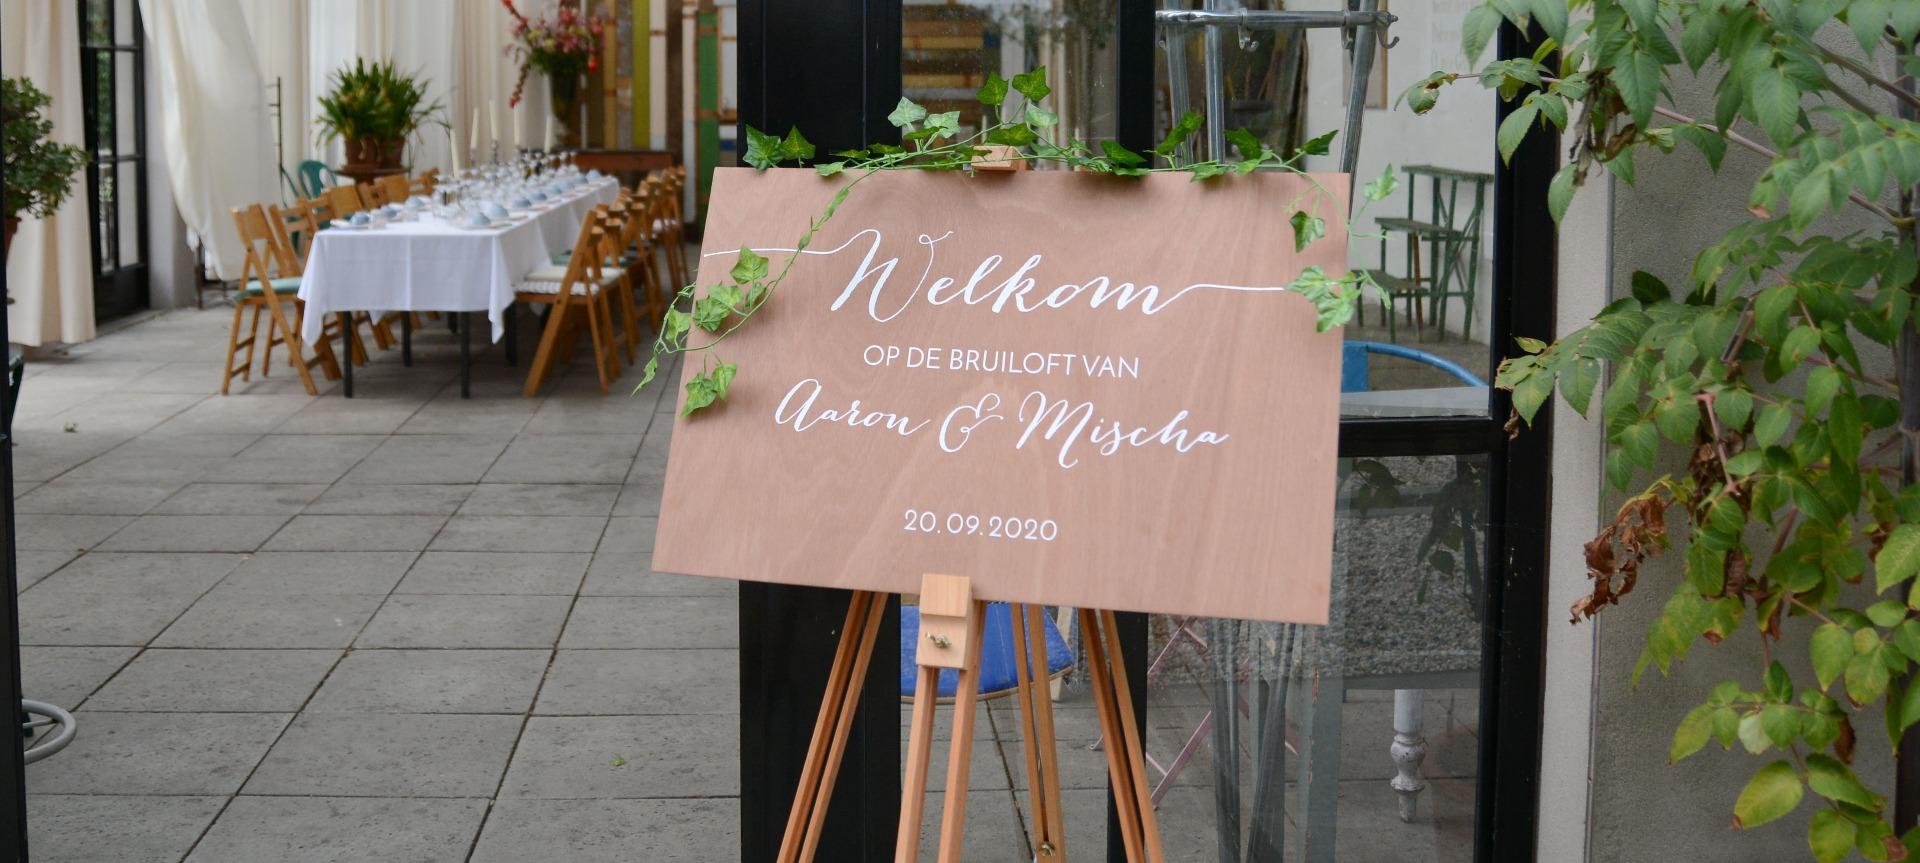 Verrassend De mooiste & hipste bruiloft decoratie | Weddingdeco.nl XZ-96